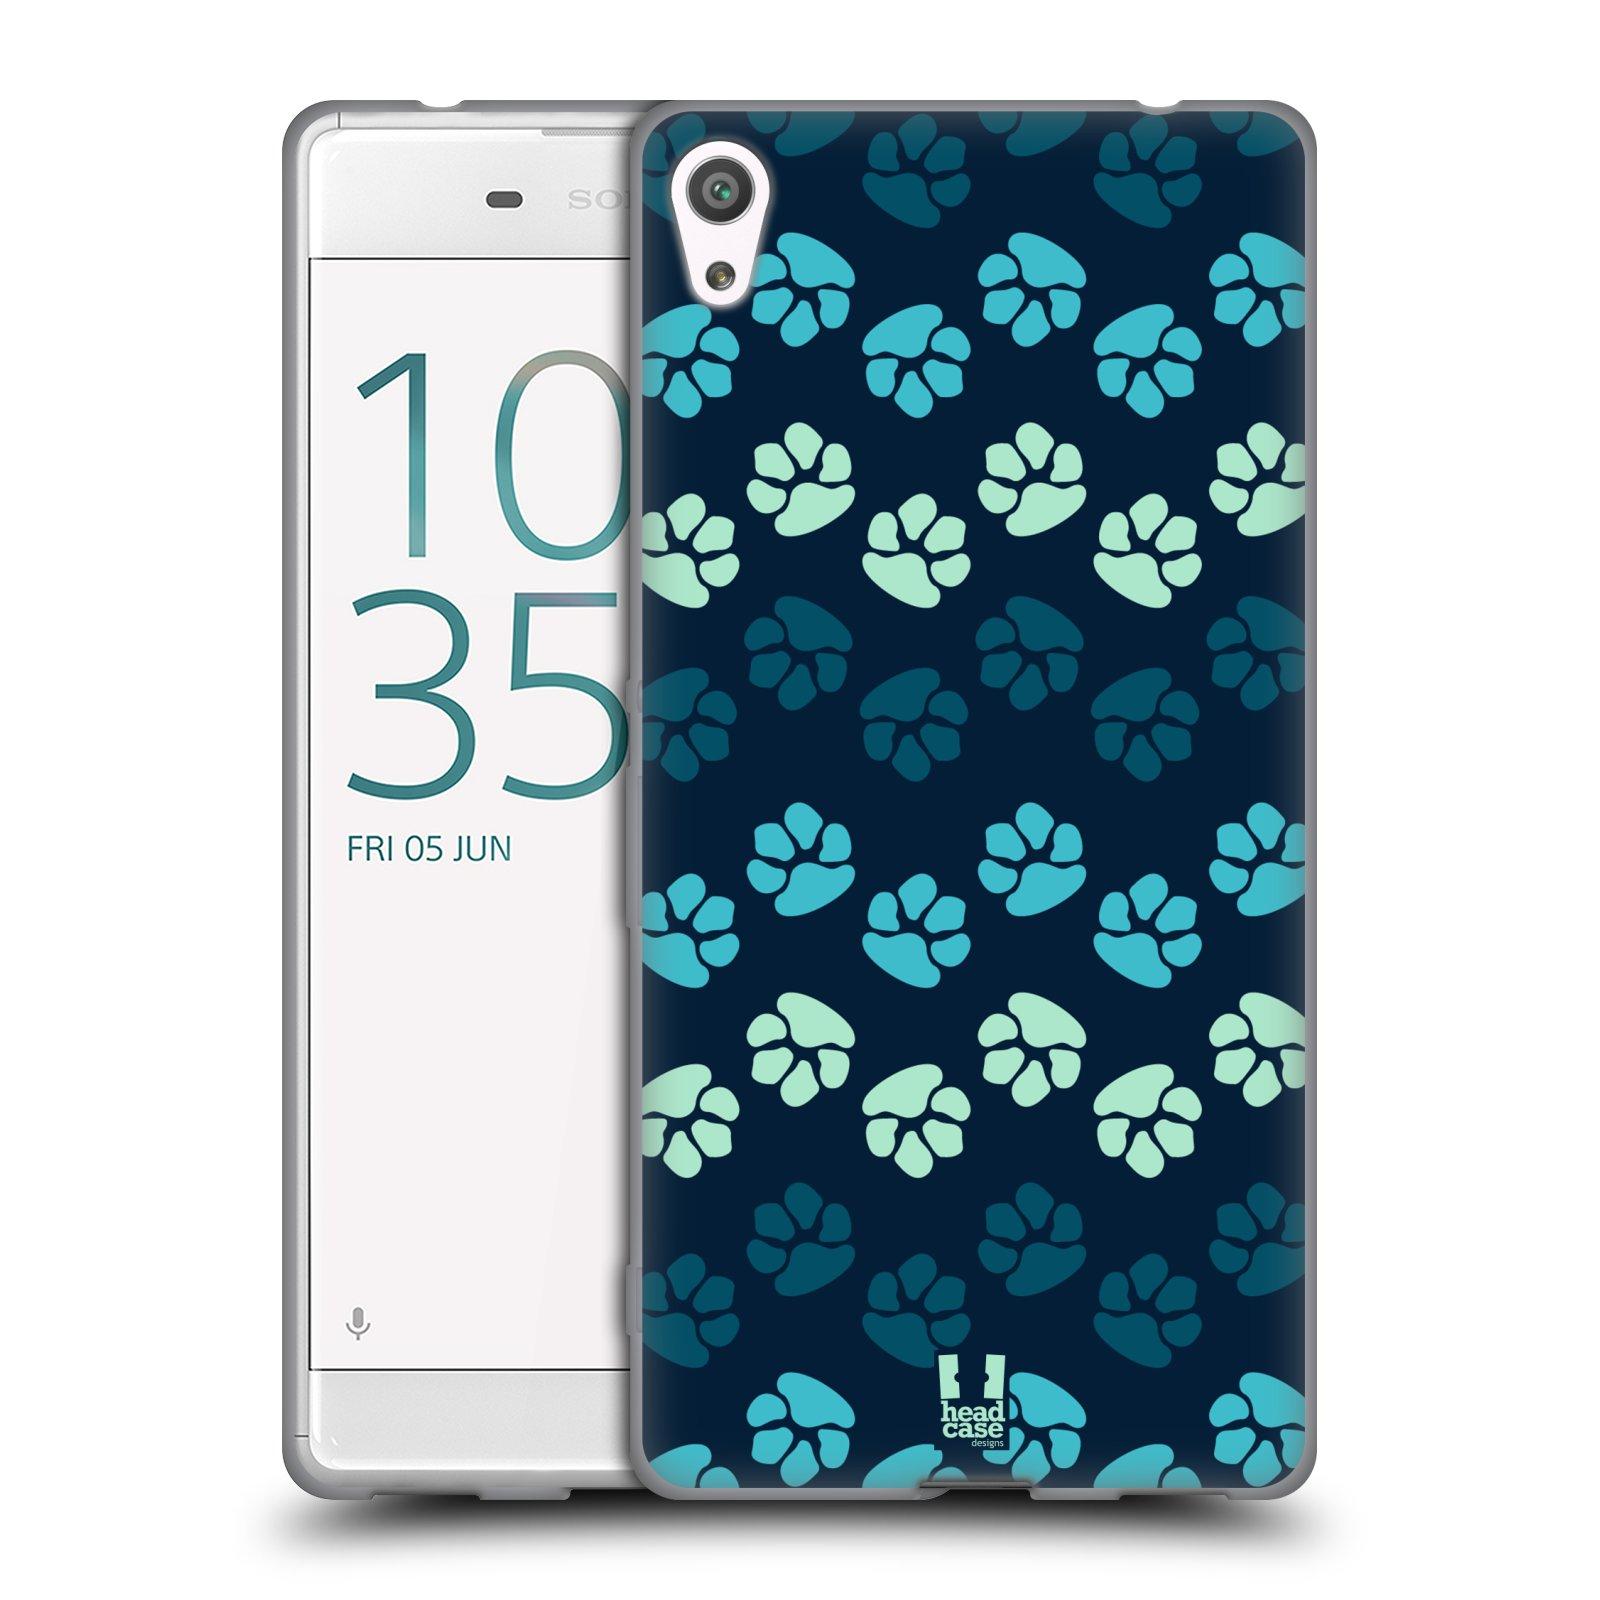 Silikonové pouzdro na mobil Sony Xperia XA Ultra HEAD CASE TLAPKY MODRÉ